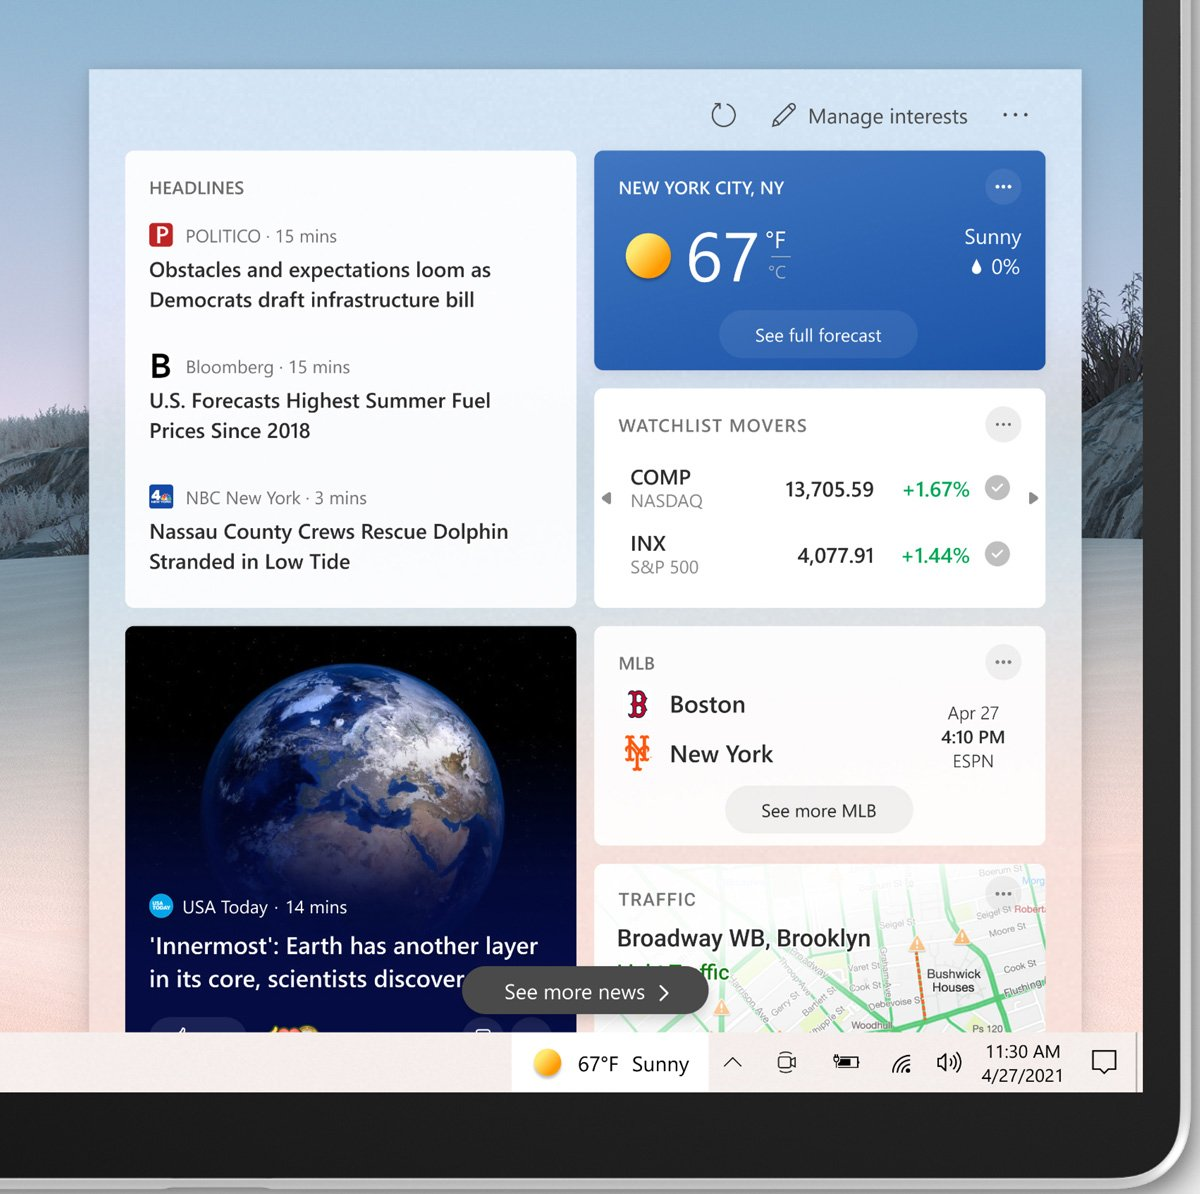 微软即将发布的新闻和兴趣功能